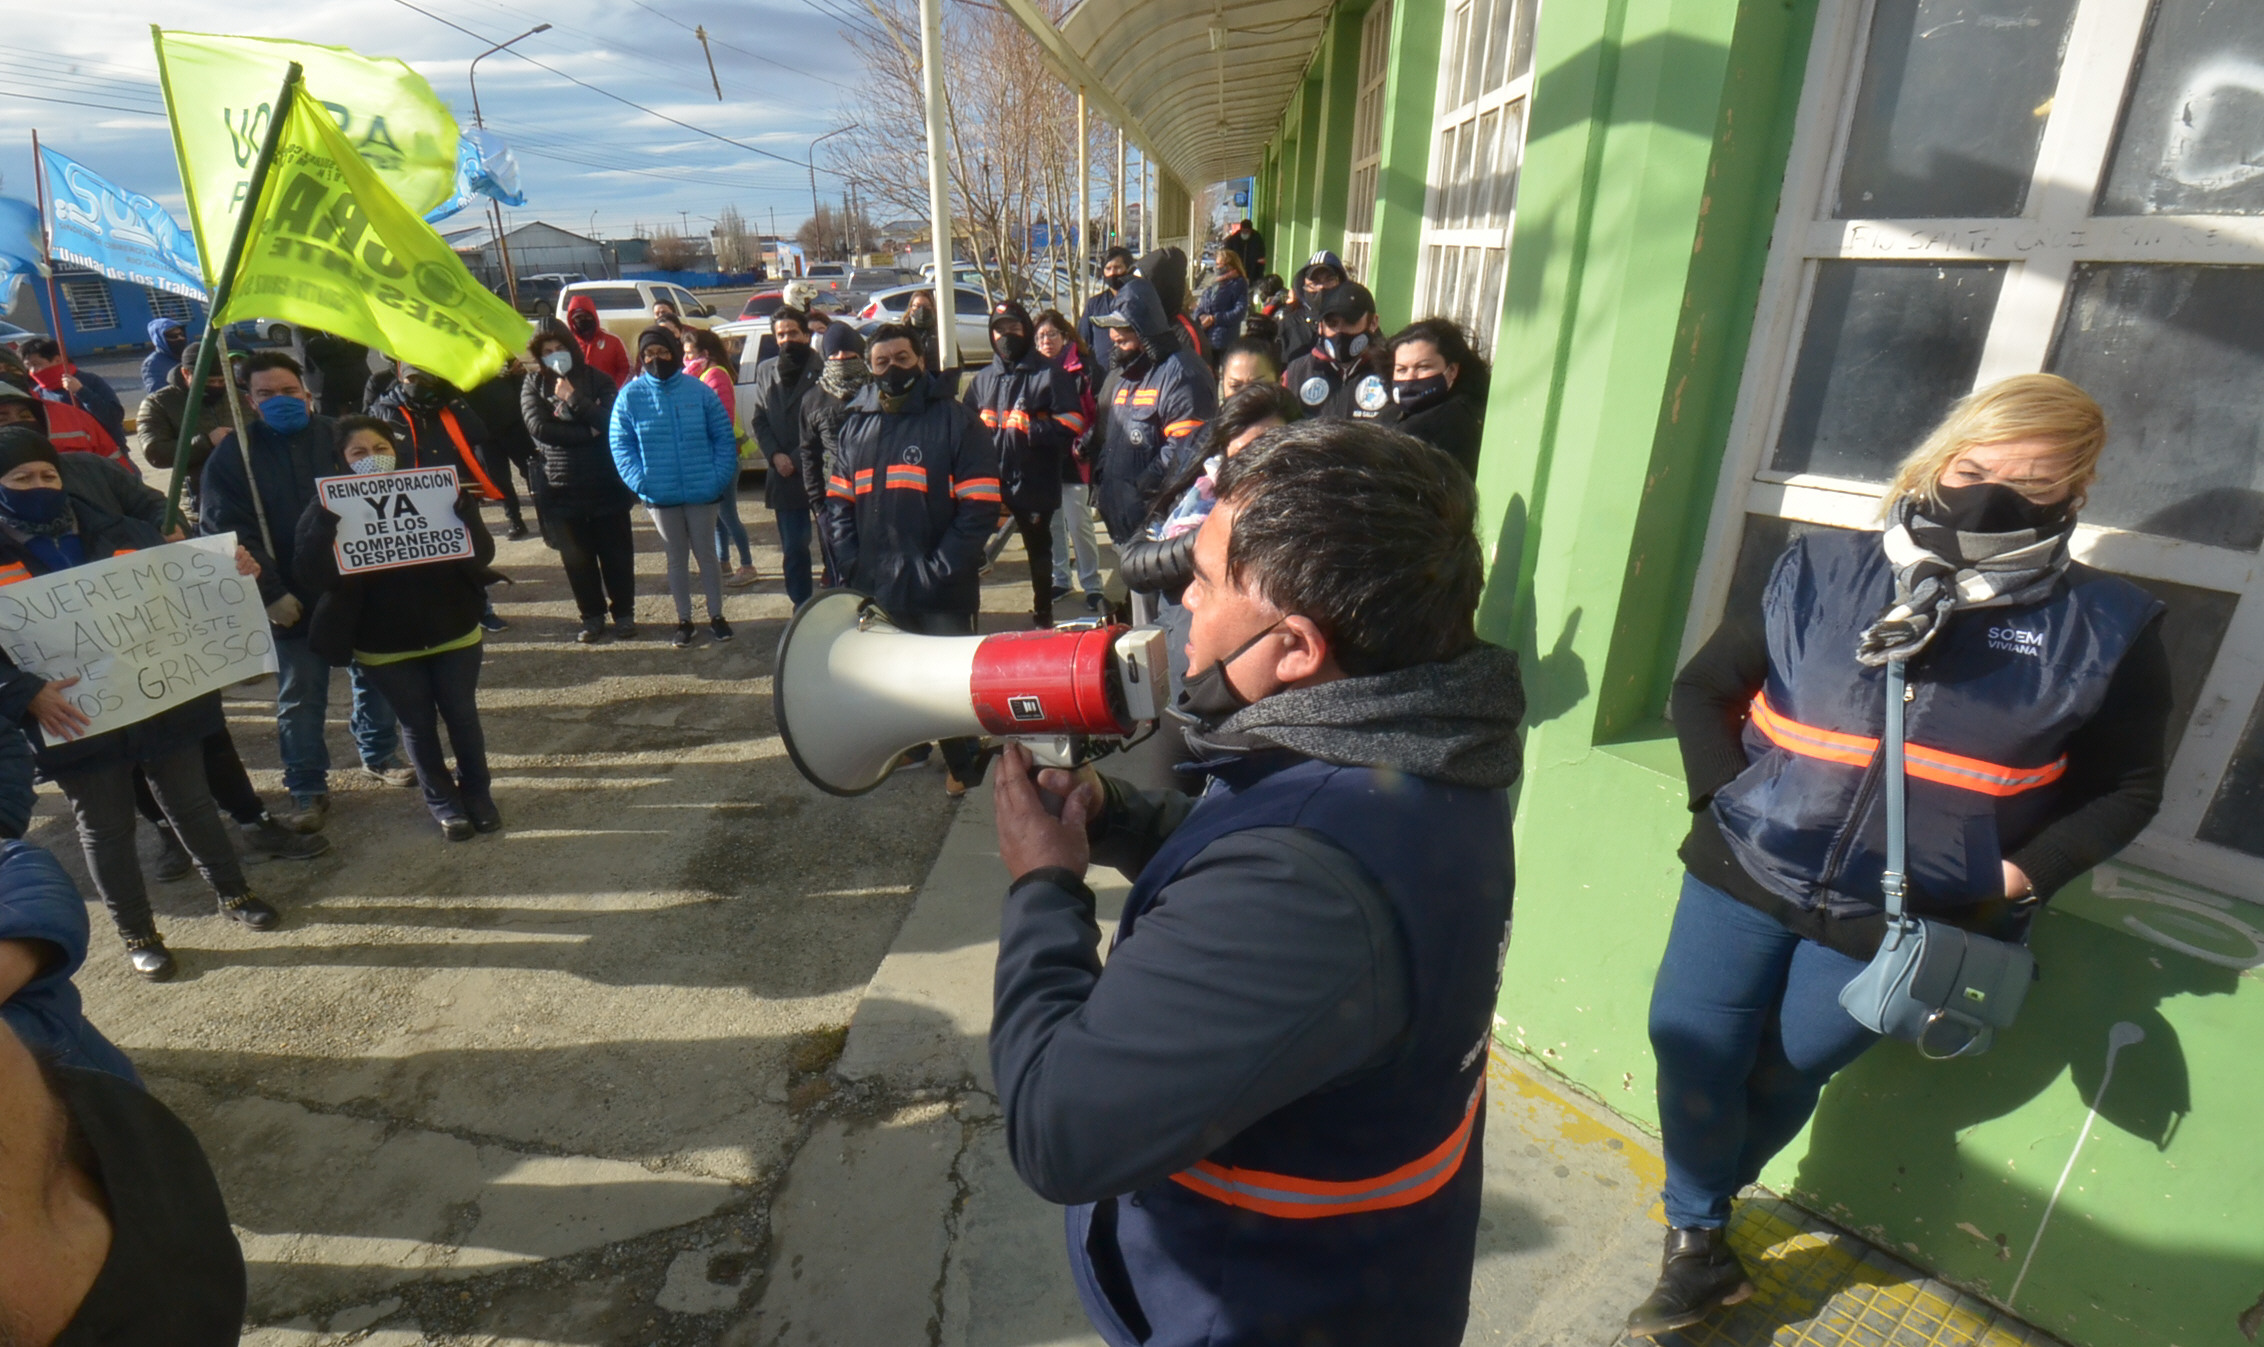 Megáfono en mano, Mansilla se dirigió a los trabajadores. FOTO: JOSÉ SILVA